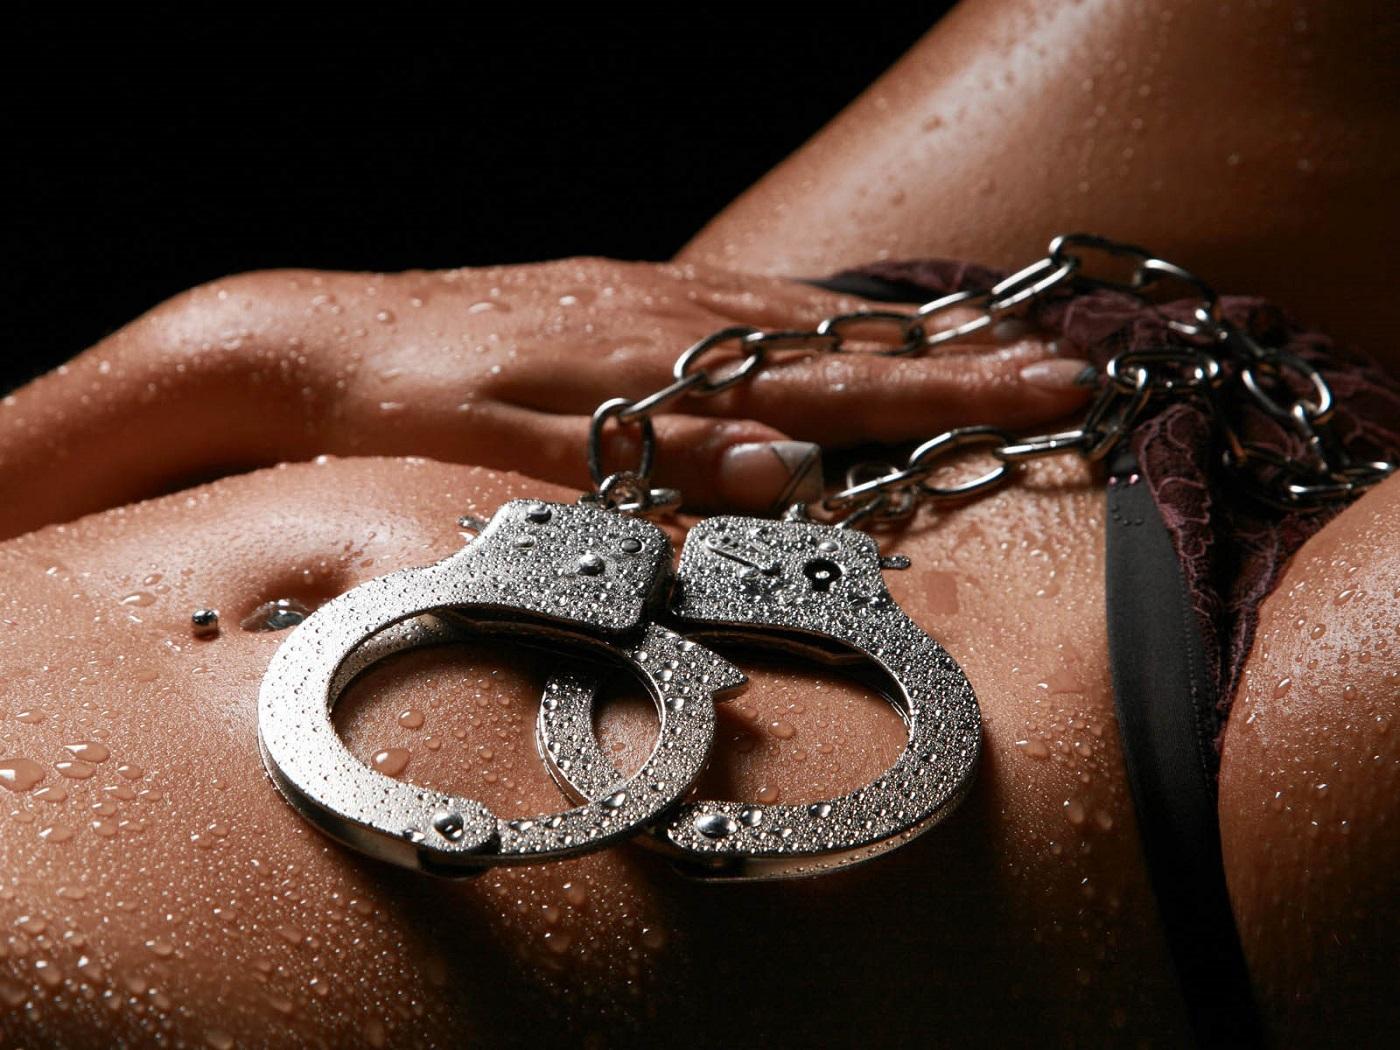 Эротические фото мужчины в наручниках 7 фотография